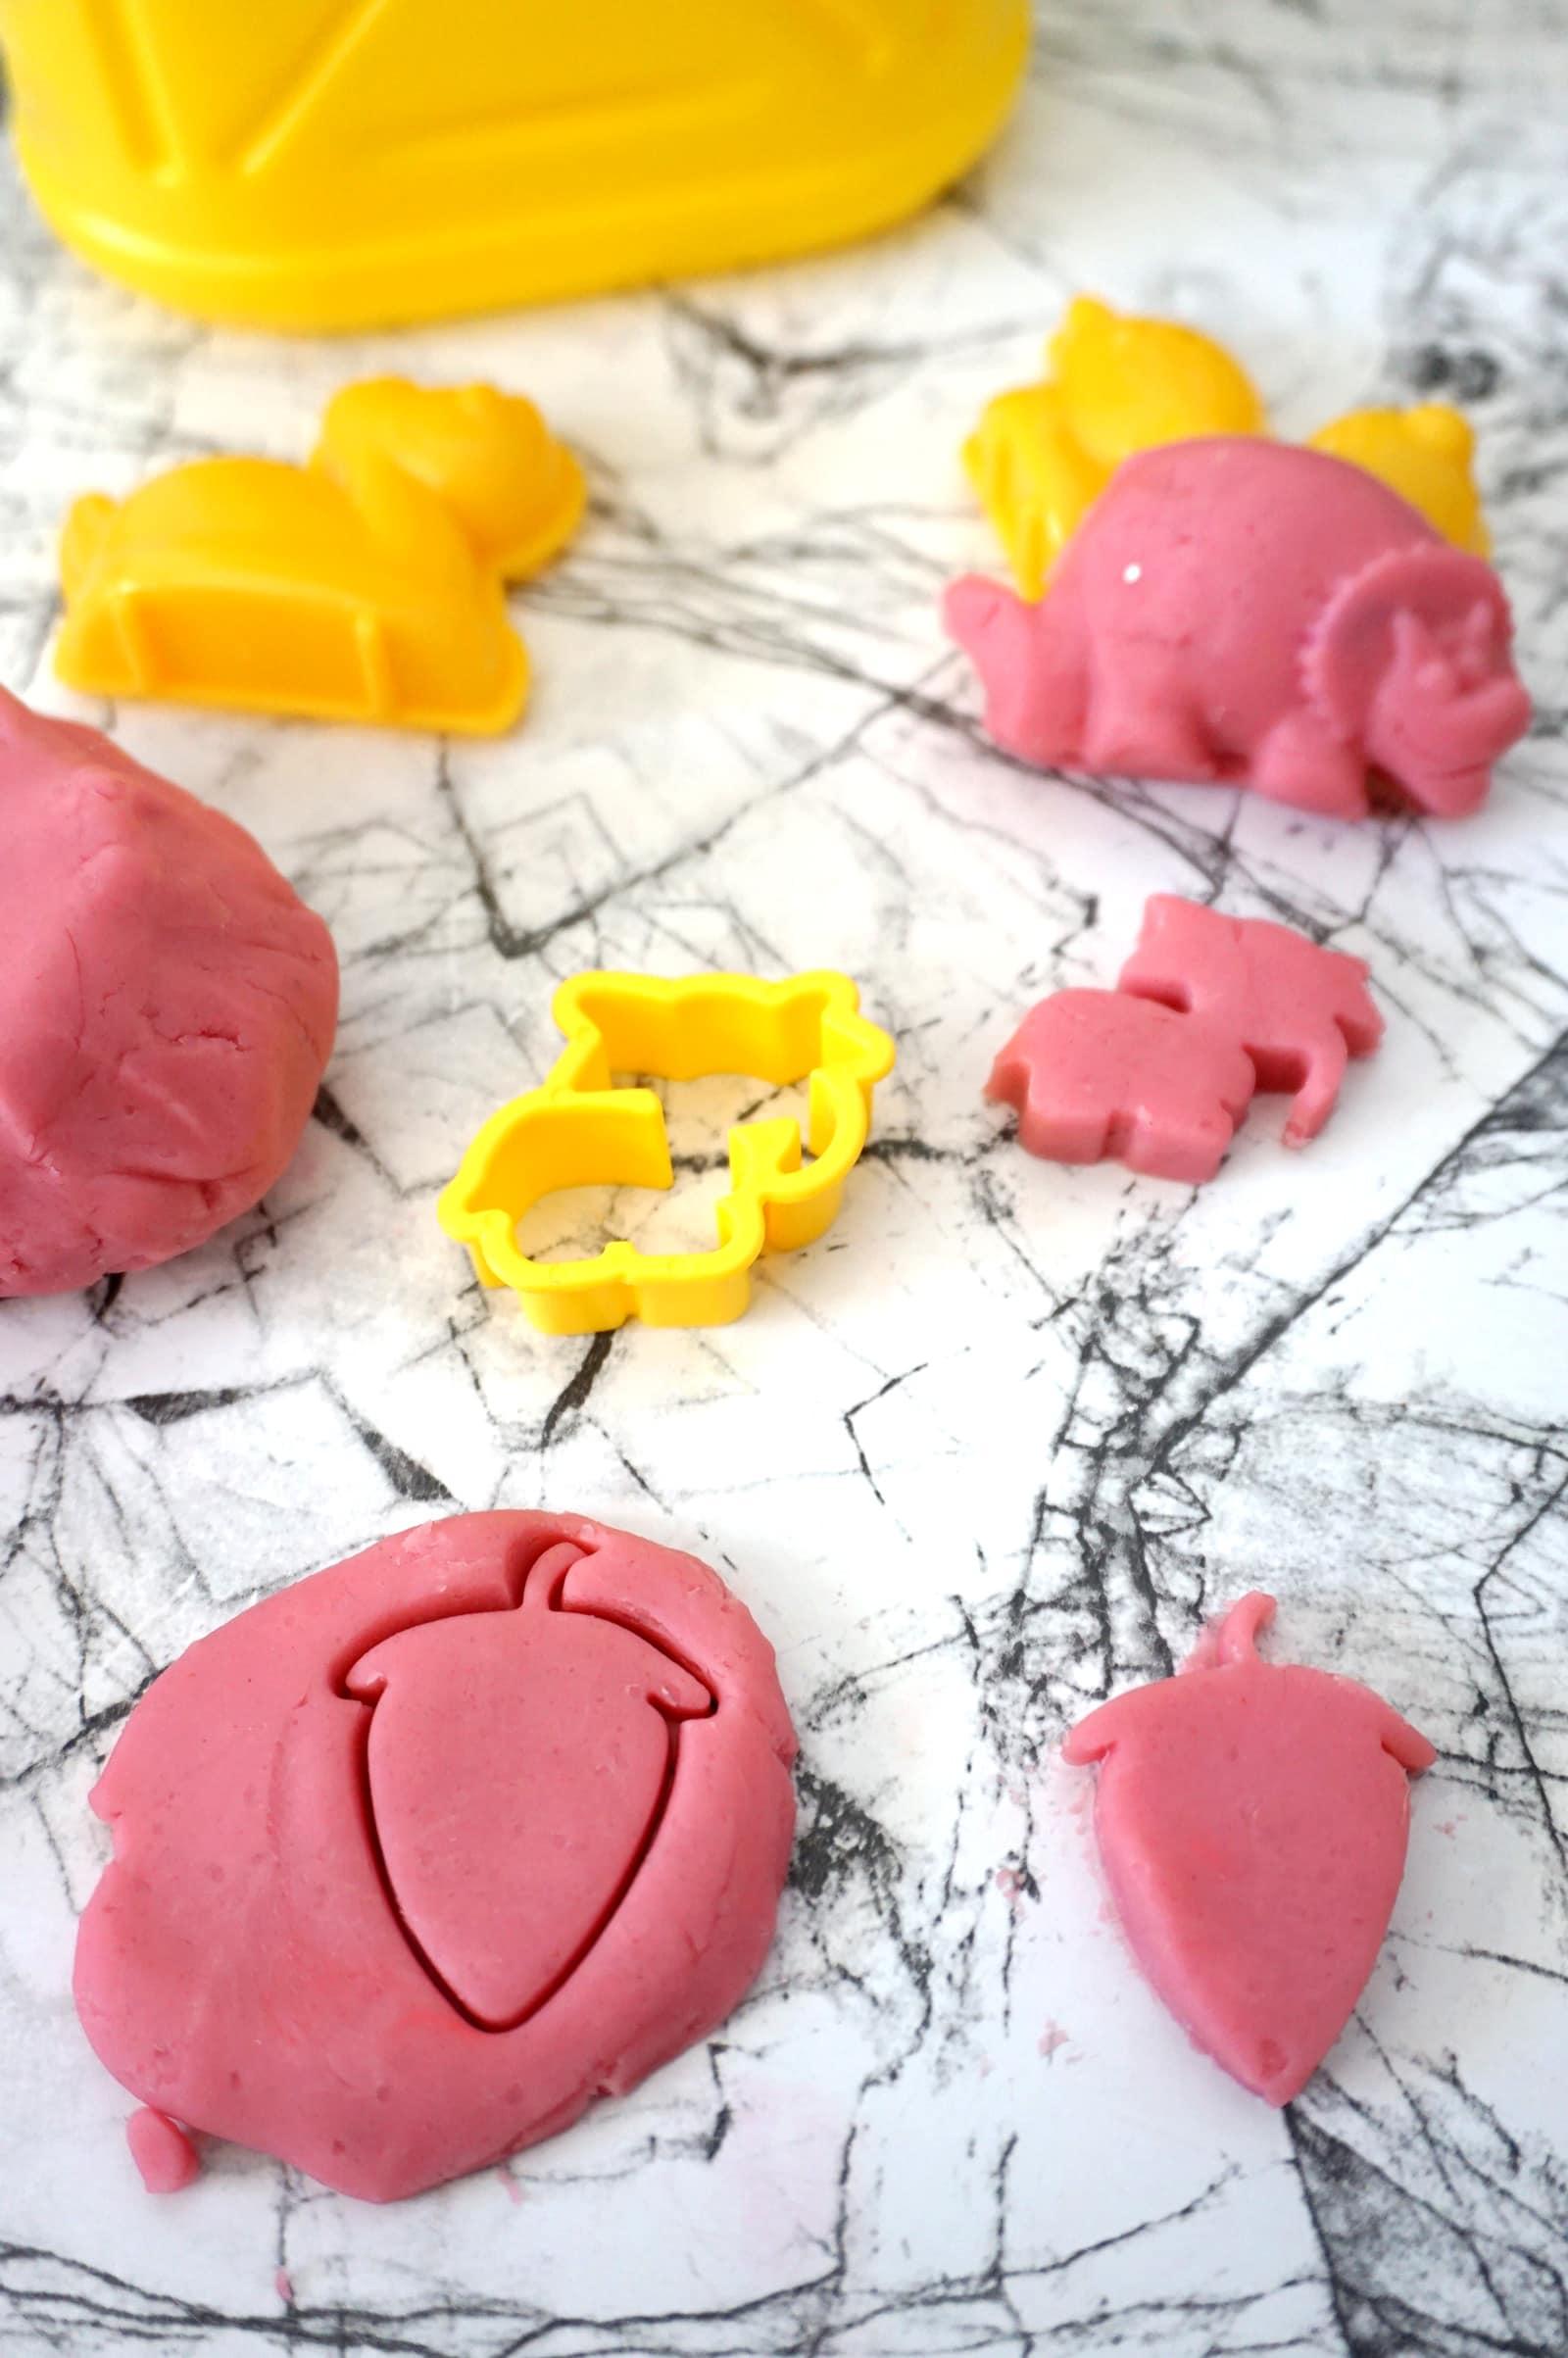 Activité manuelle maternelle : Fabriquer sa pâte à modeler maison - La recette à base d'ingrédients naturels